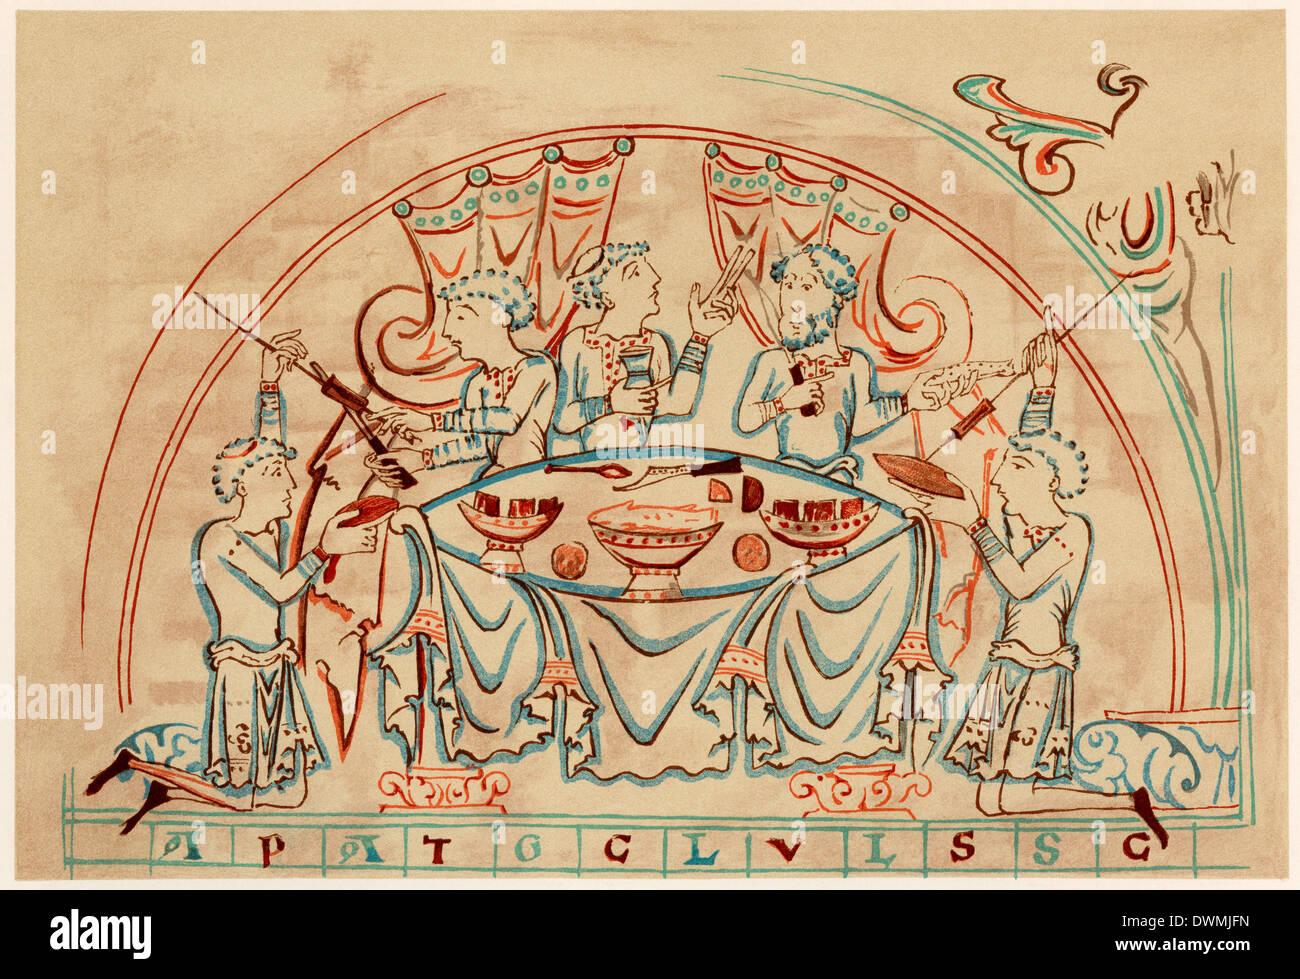 Banchetto medievale, XI secolo. Stampa Litografia a colori Immagini Stock